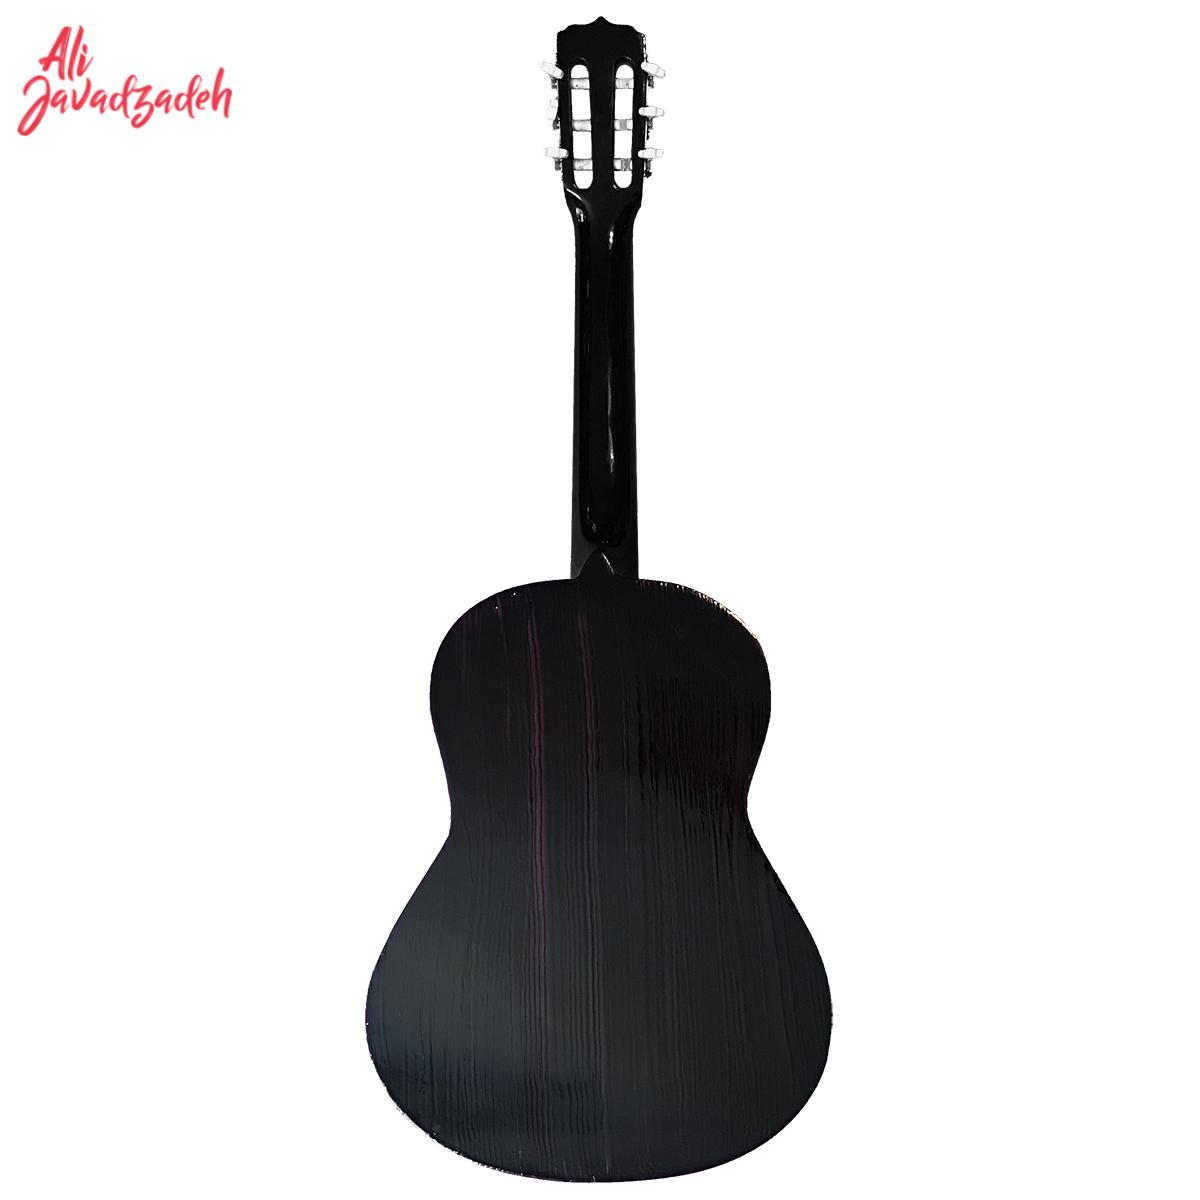 گیتار کلاسیک علی جوادزاده مدل 1C-4